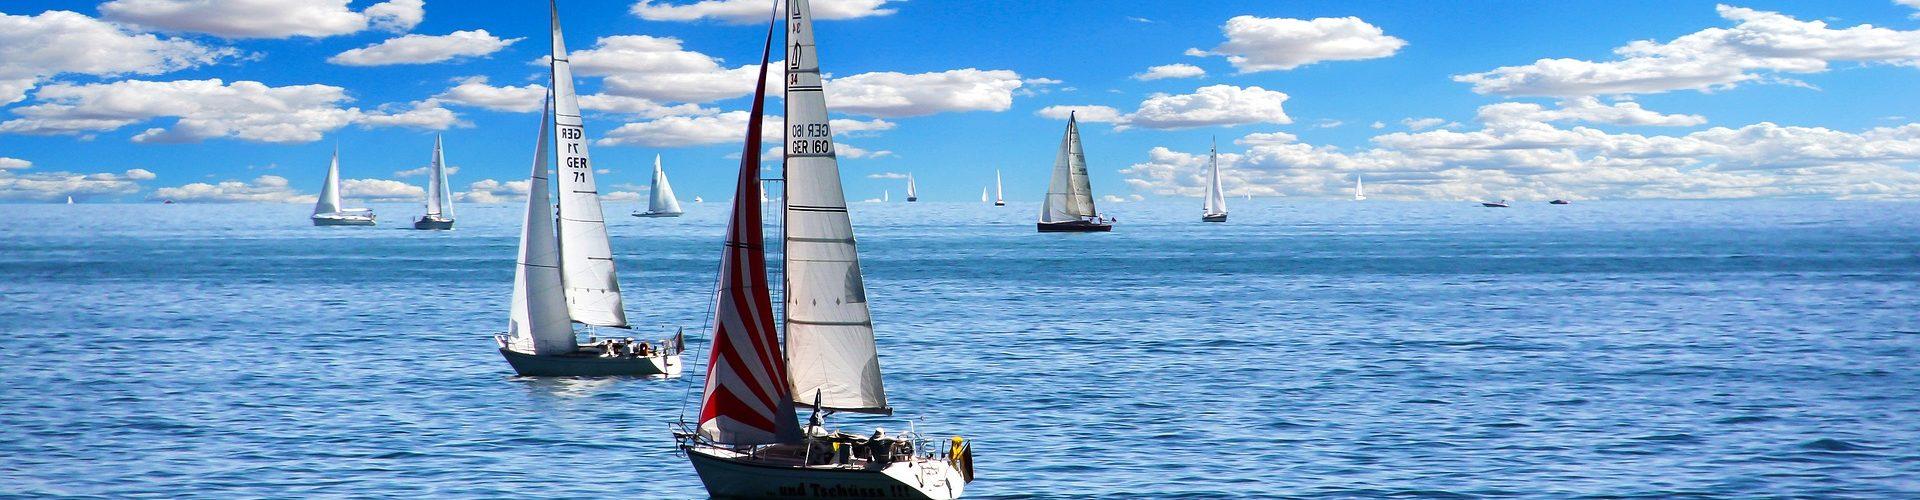 segeln lernen in Lindlar segelschein machen in Lindlar 1920x500 - Segeln lernen in Lindlar